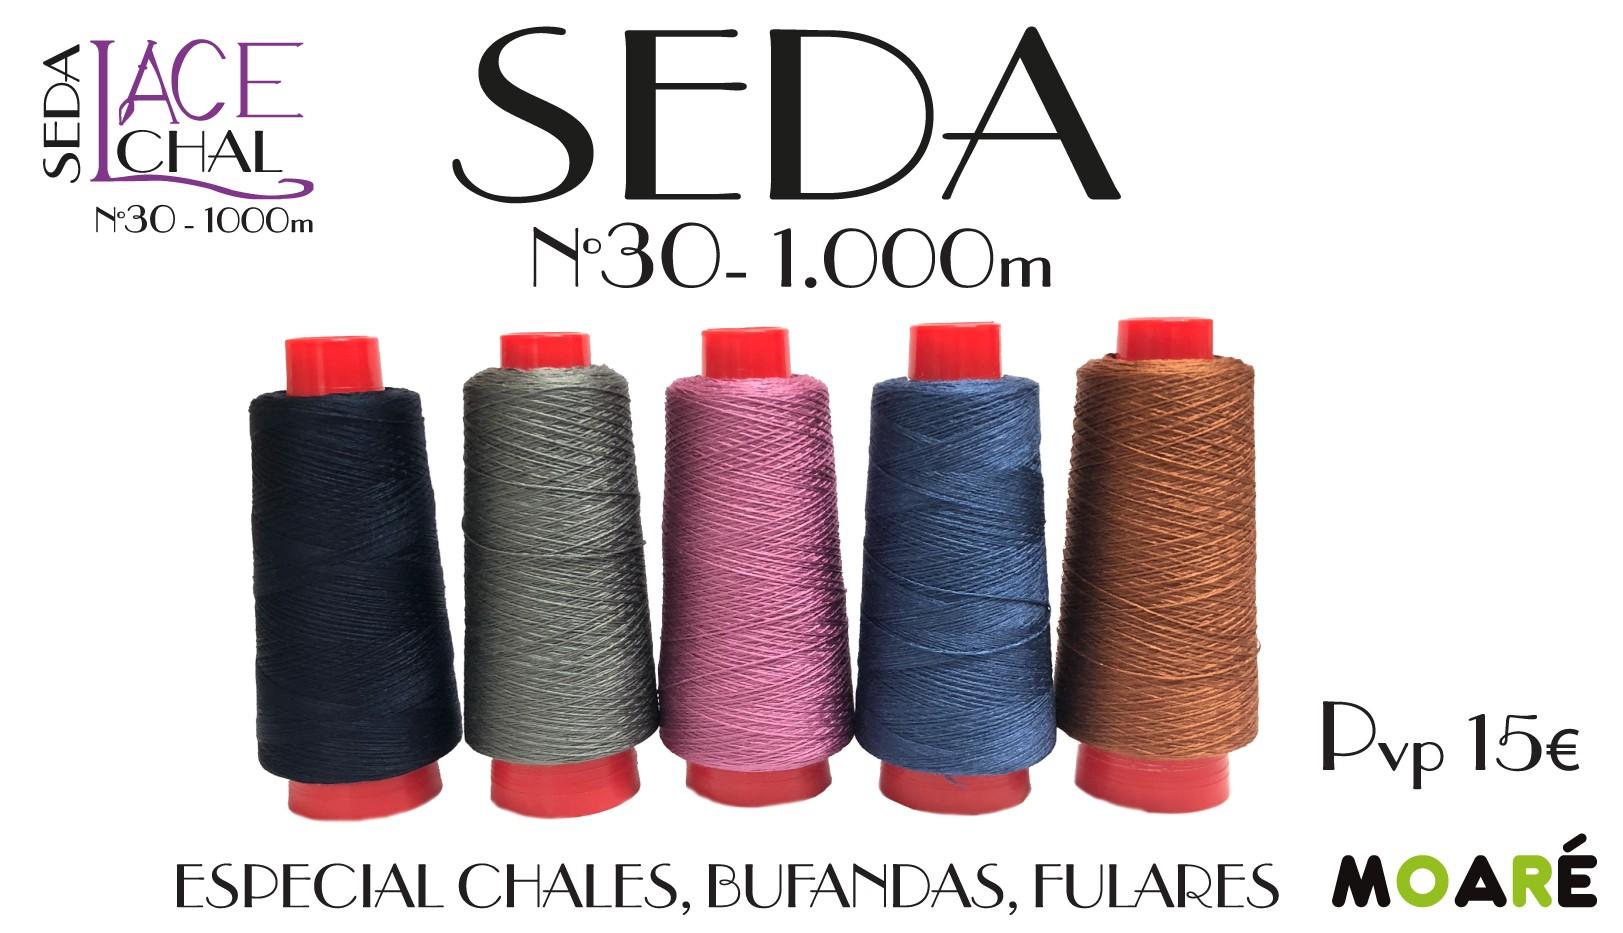 SEDA ESPECIAL CHALES FULARES